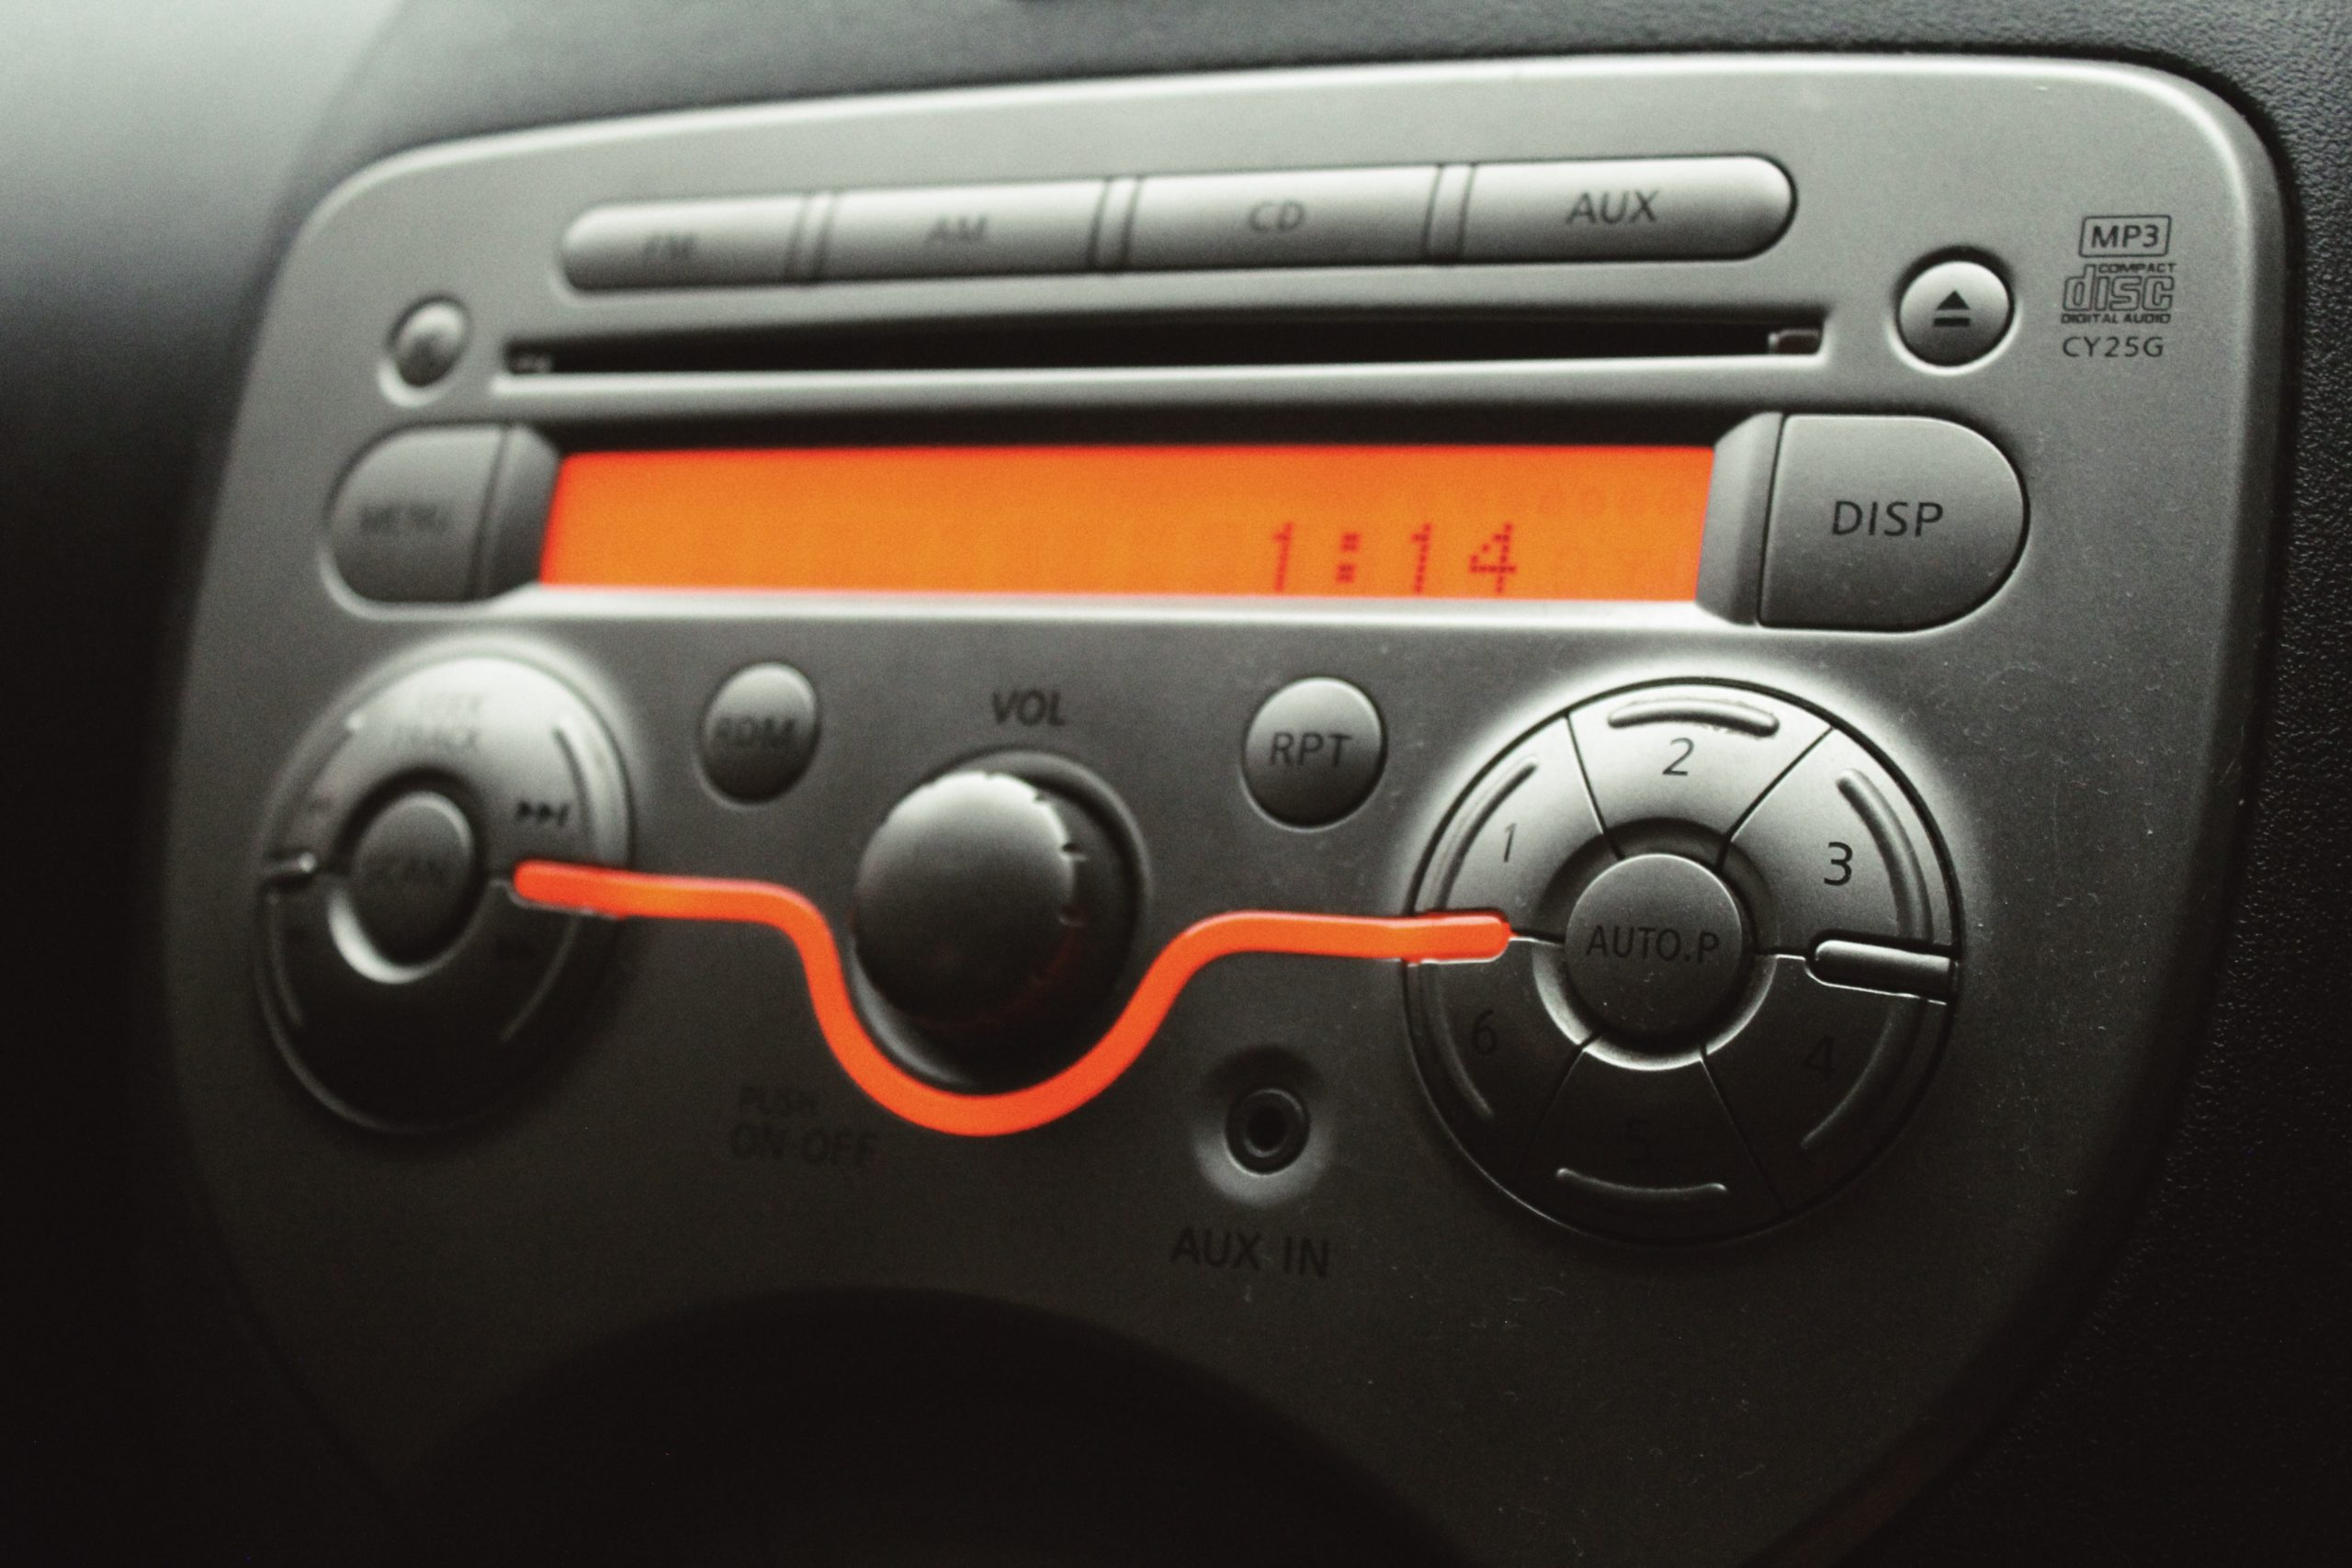 Per Knopfdruck zu mehr Informationen – auch während der Autofahrt